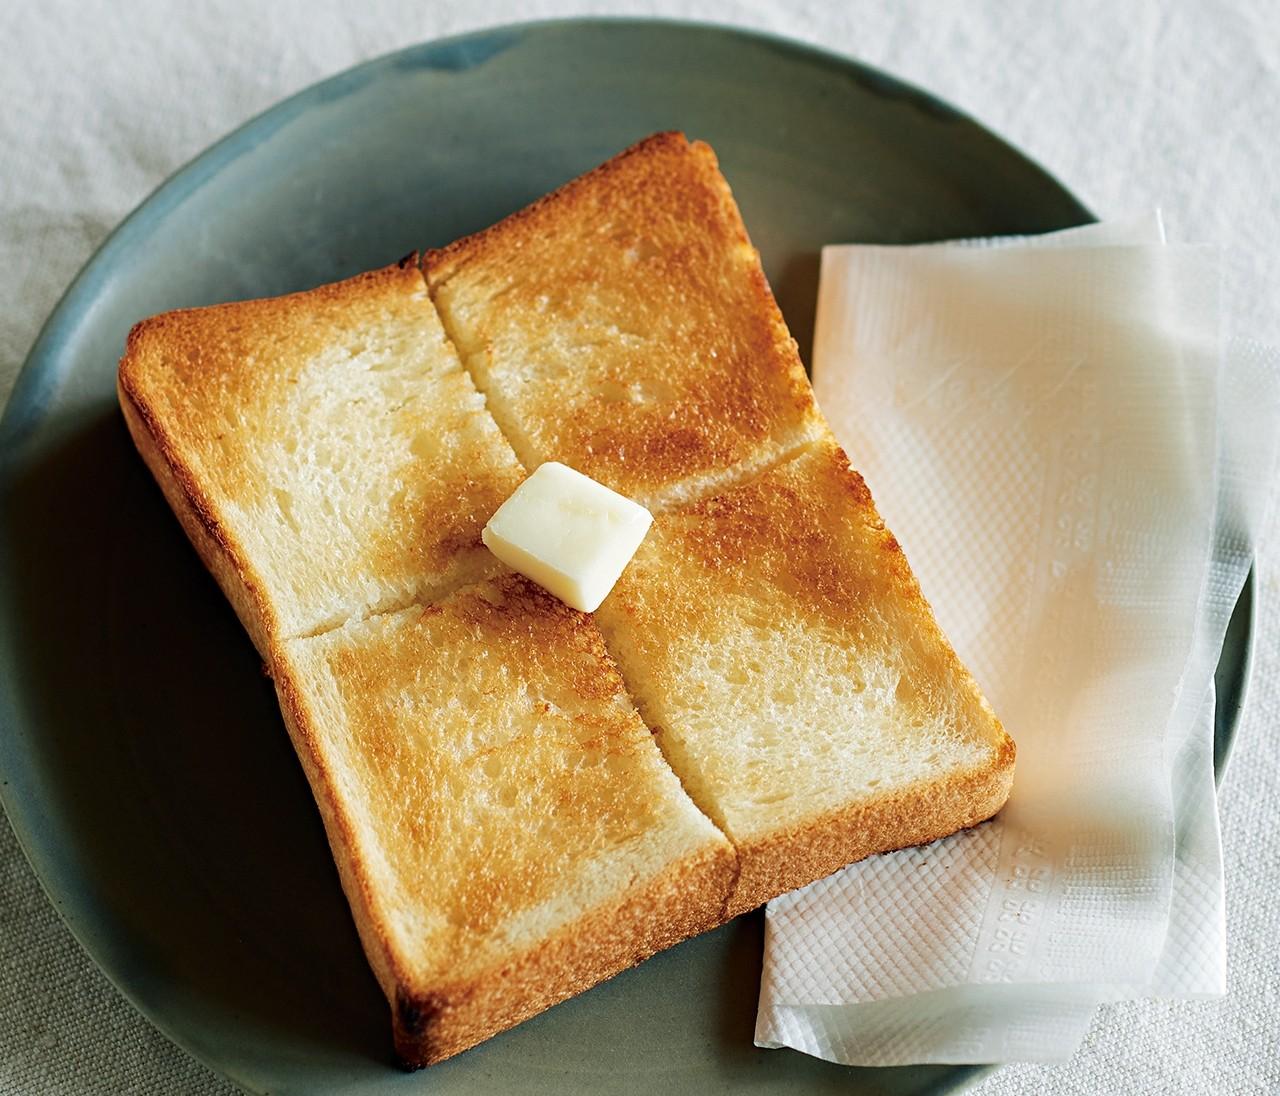 普通の食パンがカリふわトーストに! 超簡単小ワザ教えます【幸せな食パン活①】